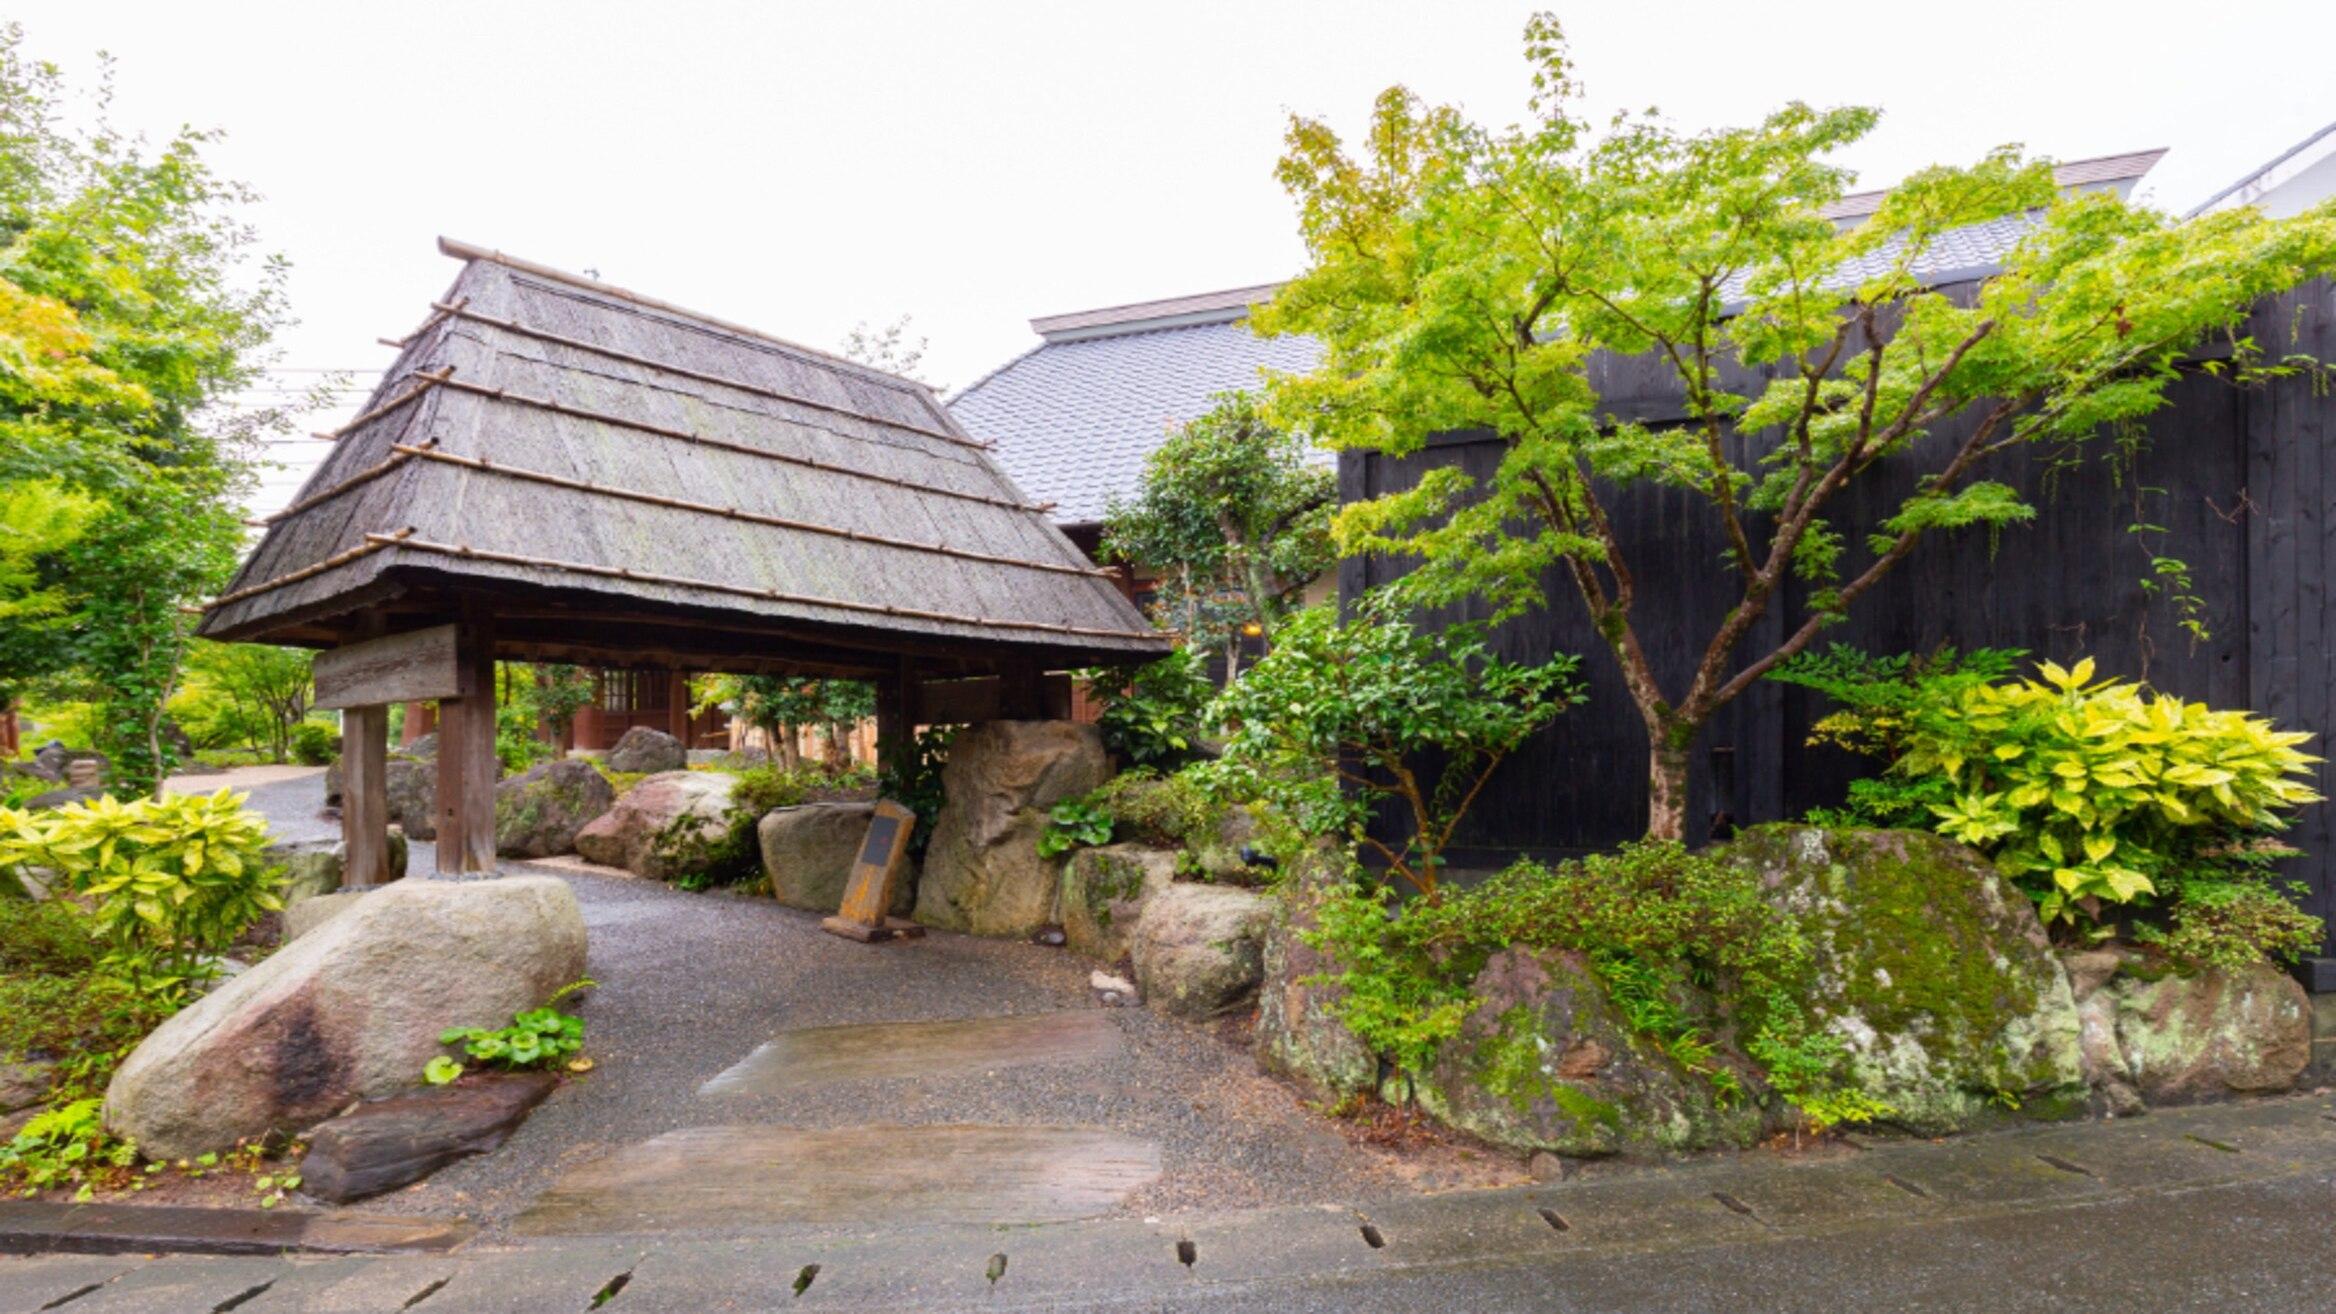 朝倉温泉 秋月久織亭の施設画像